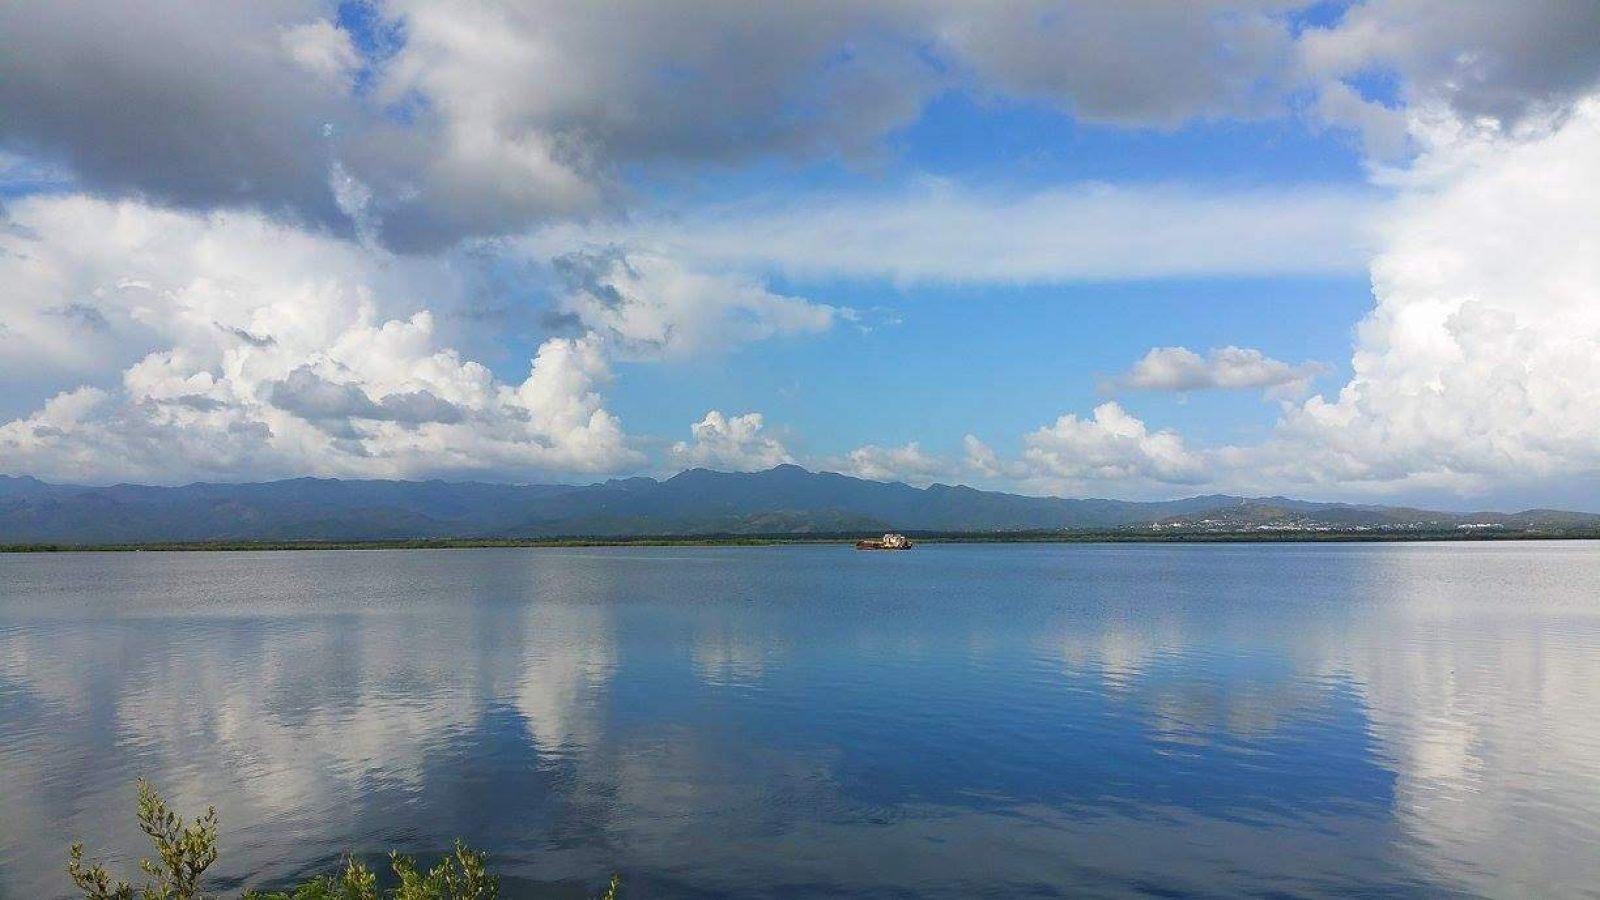 Hibiscus & Nomada : - - Peninsula Ancon